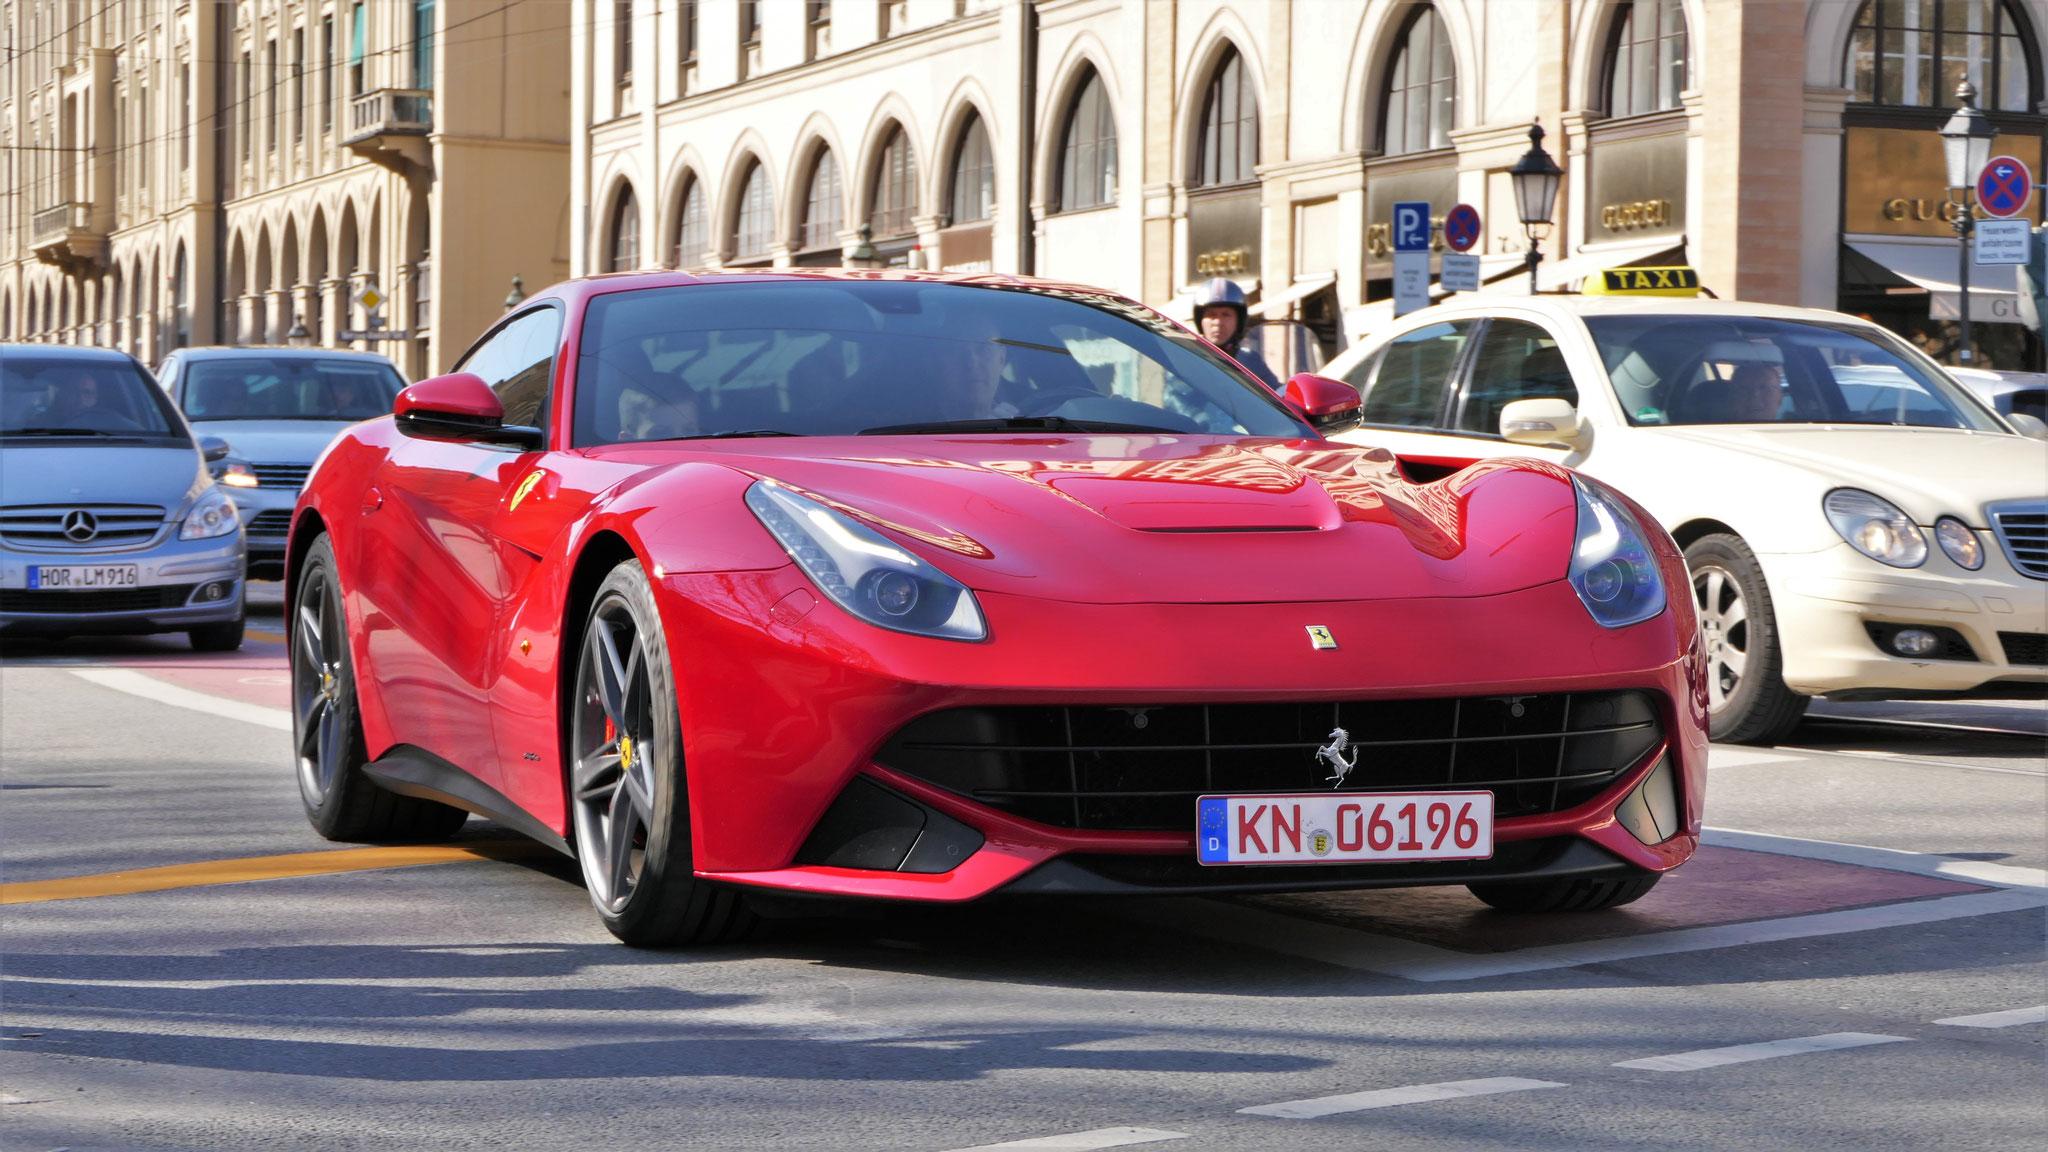 Ferrari F12 Berlinetta - KN-06196